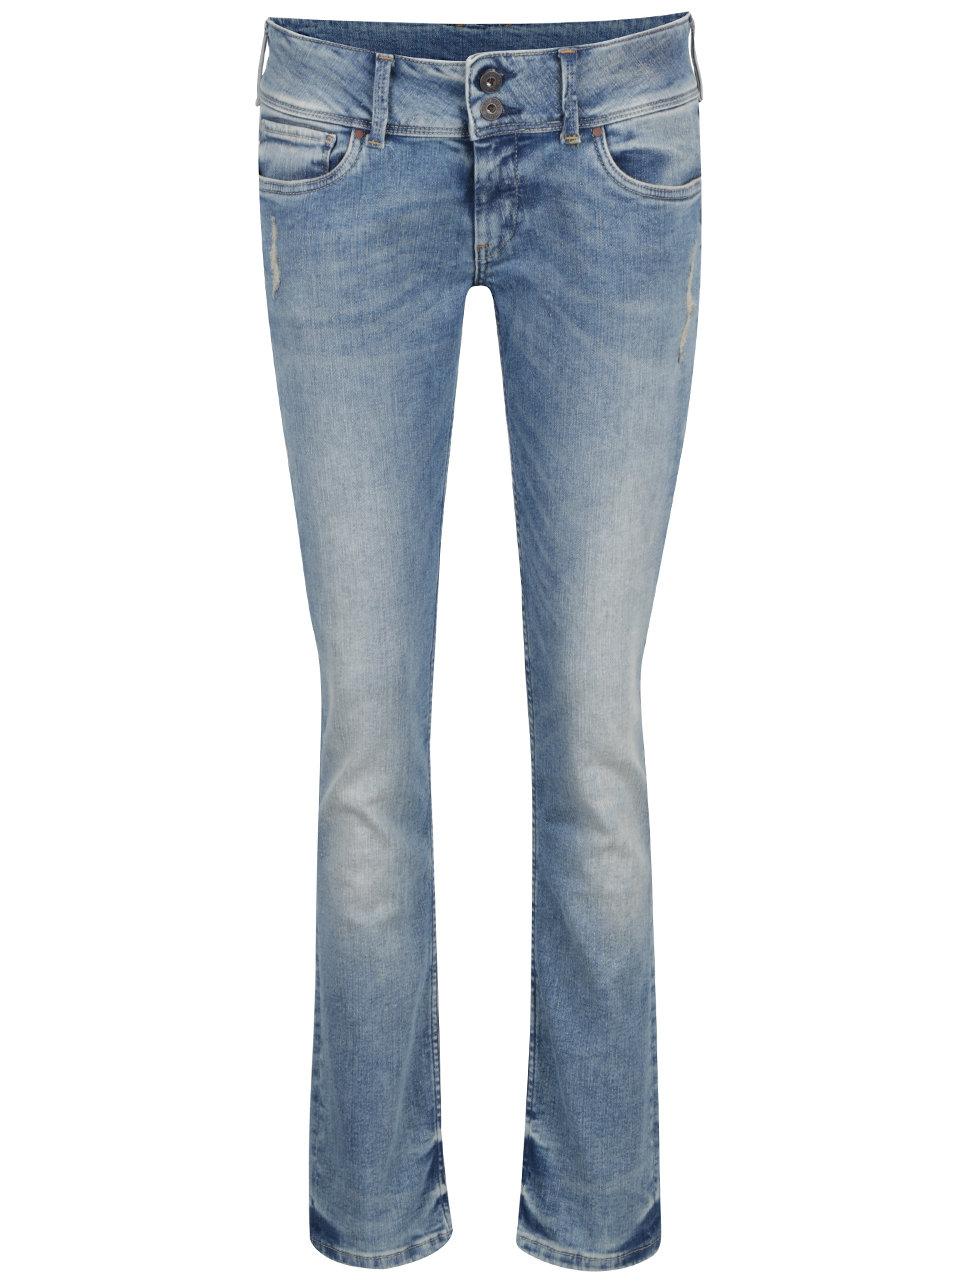 Světle modré dámské slim fit džíny Pepe Jeans Vera ... 5af7b08c65